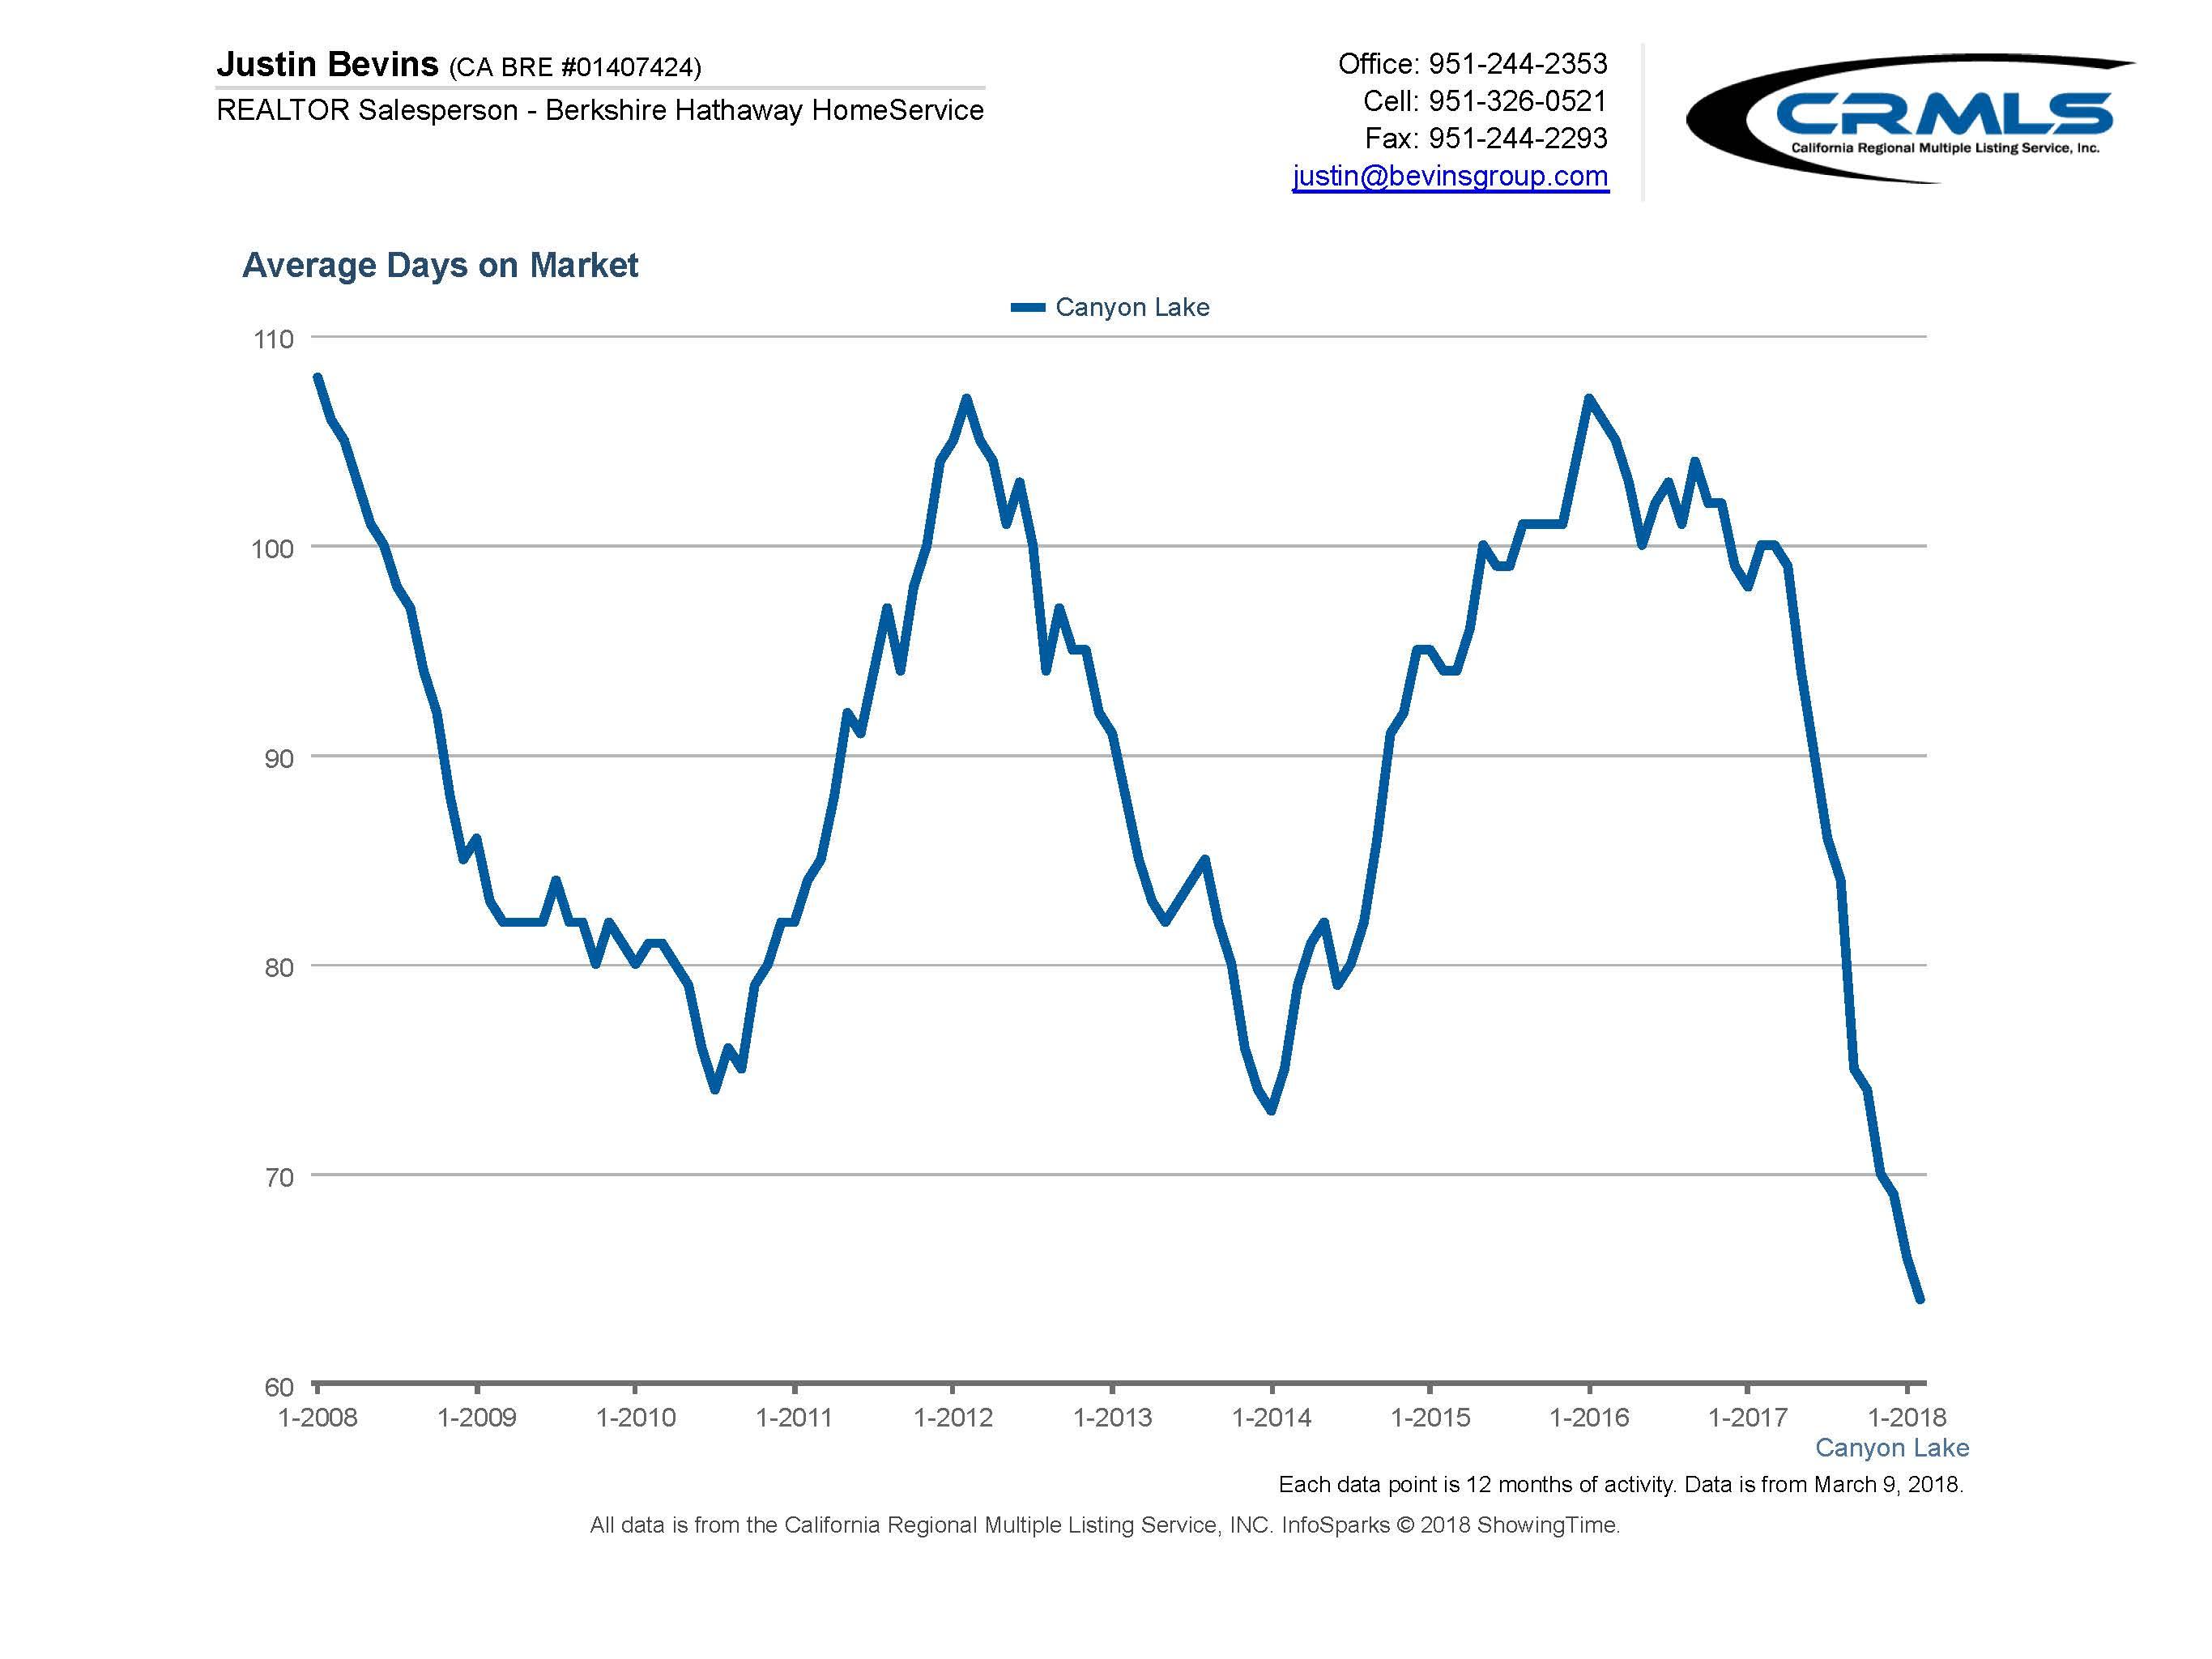 Canyon Lake Homes Average Days on Market